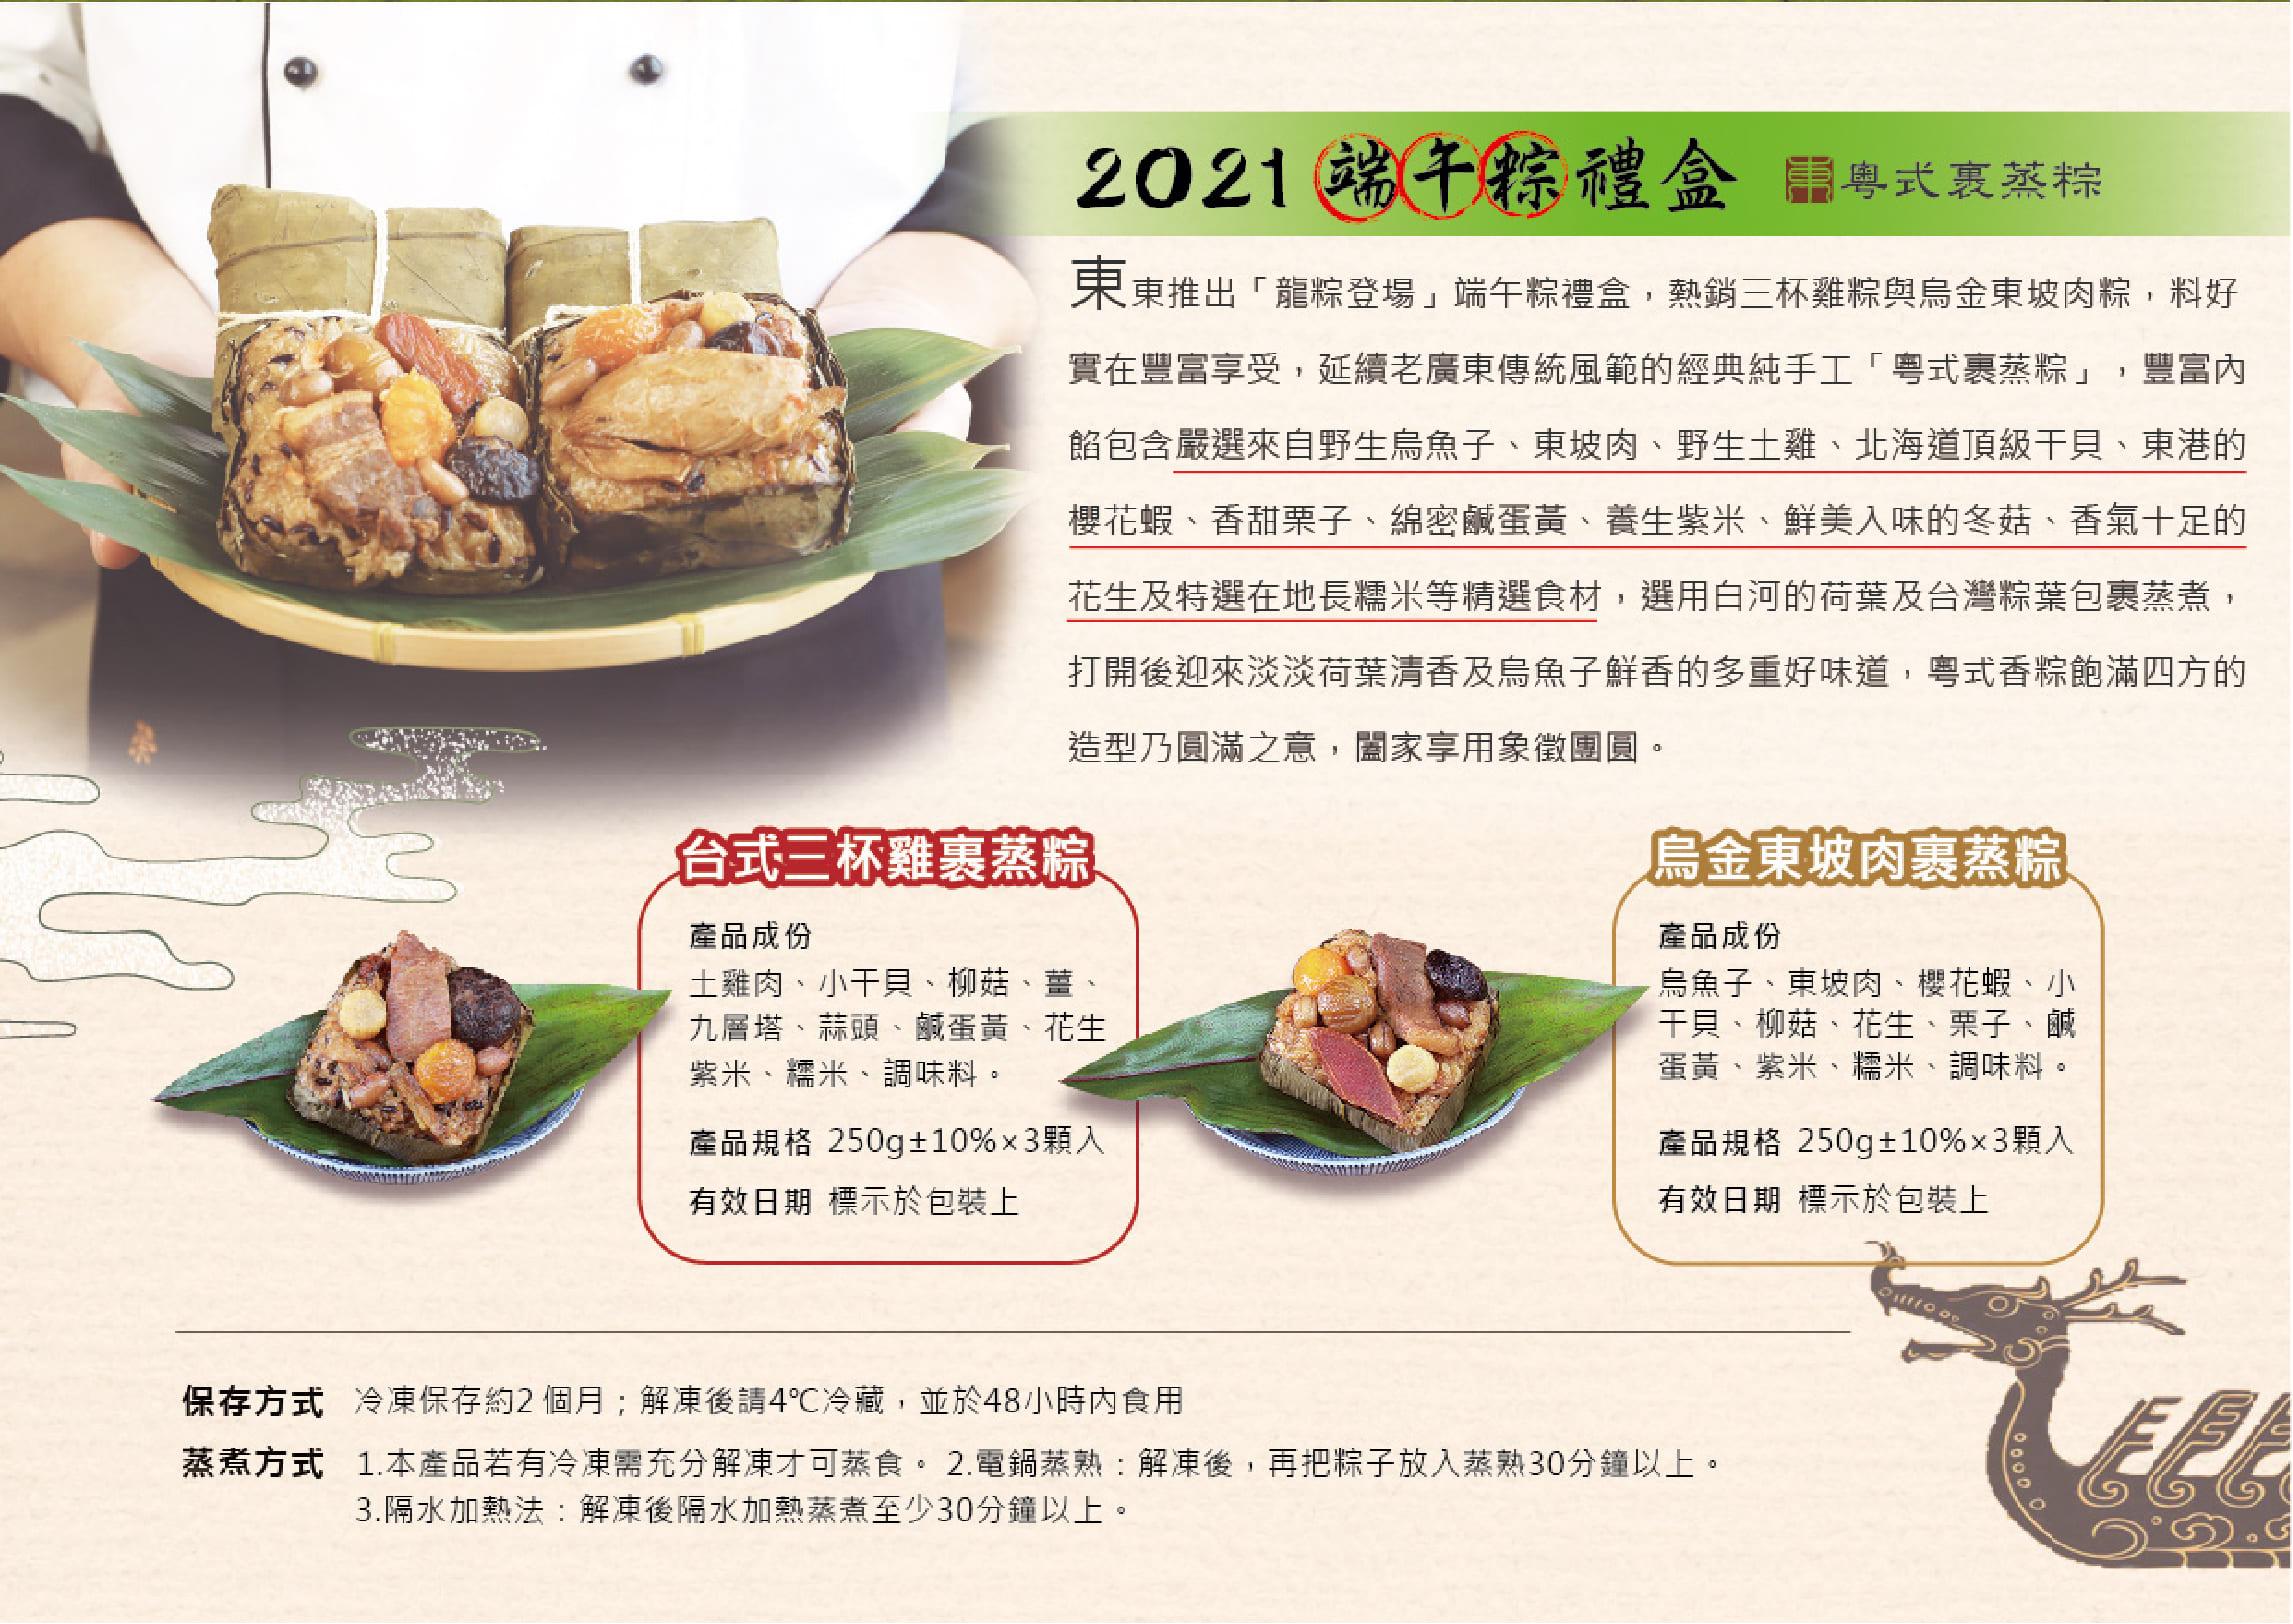 端午節粽子禮盒優惠活動